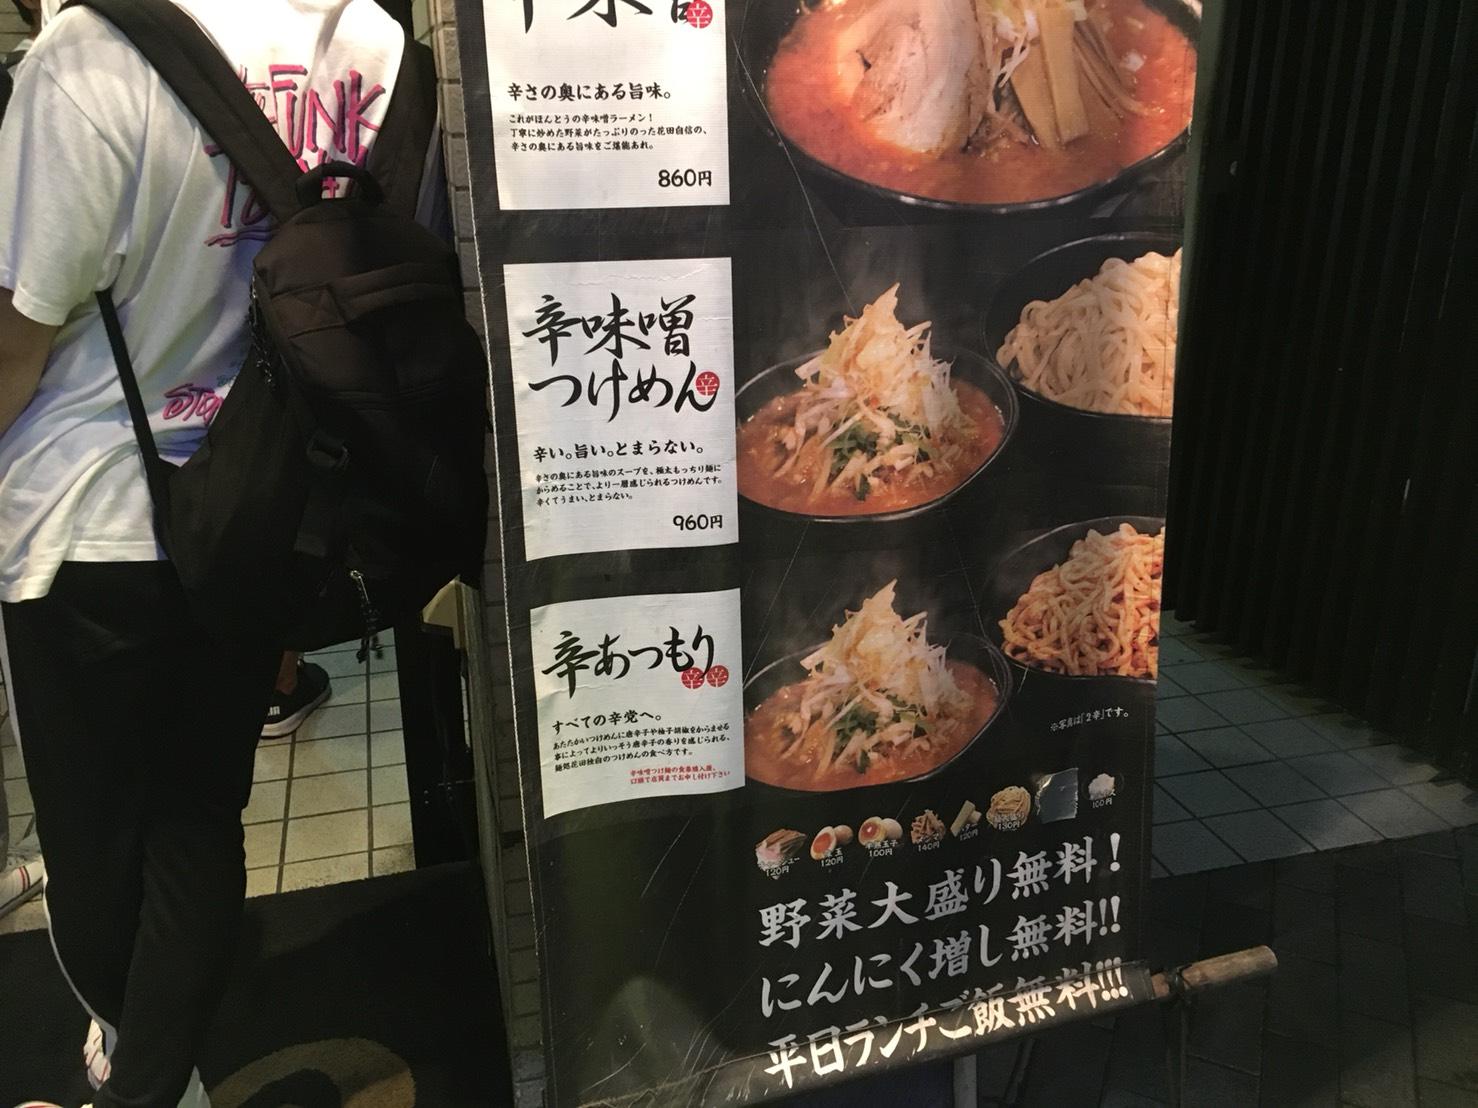 【池袋駅】常に行列!マッチョな味噌ラーメン「麺処 花田池袋店」の看板2